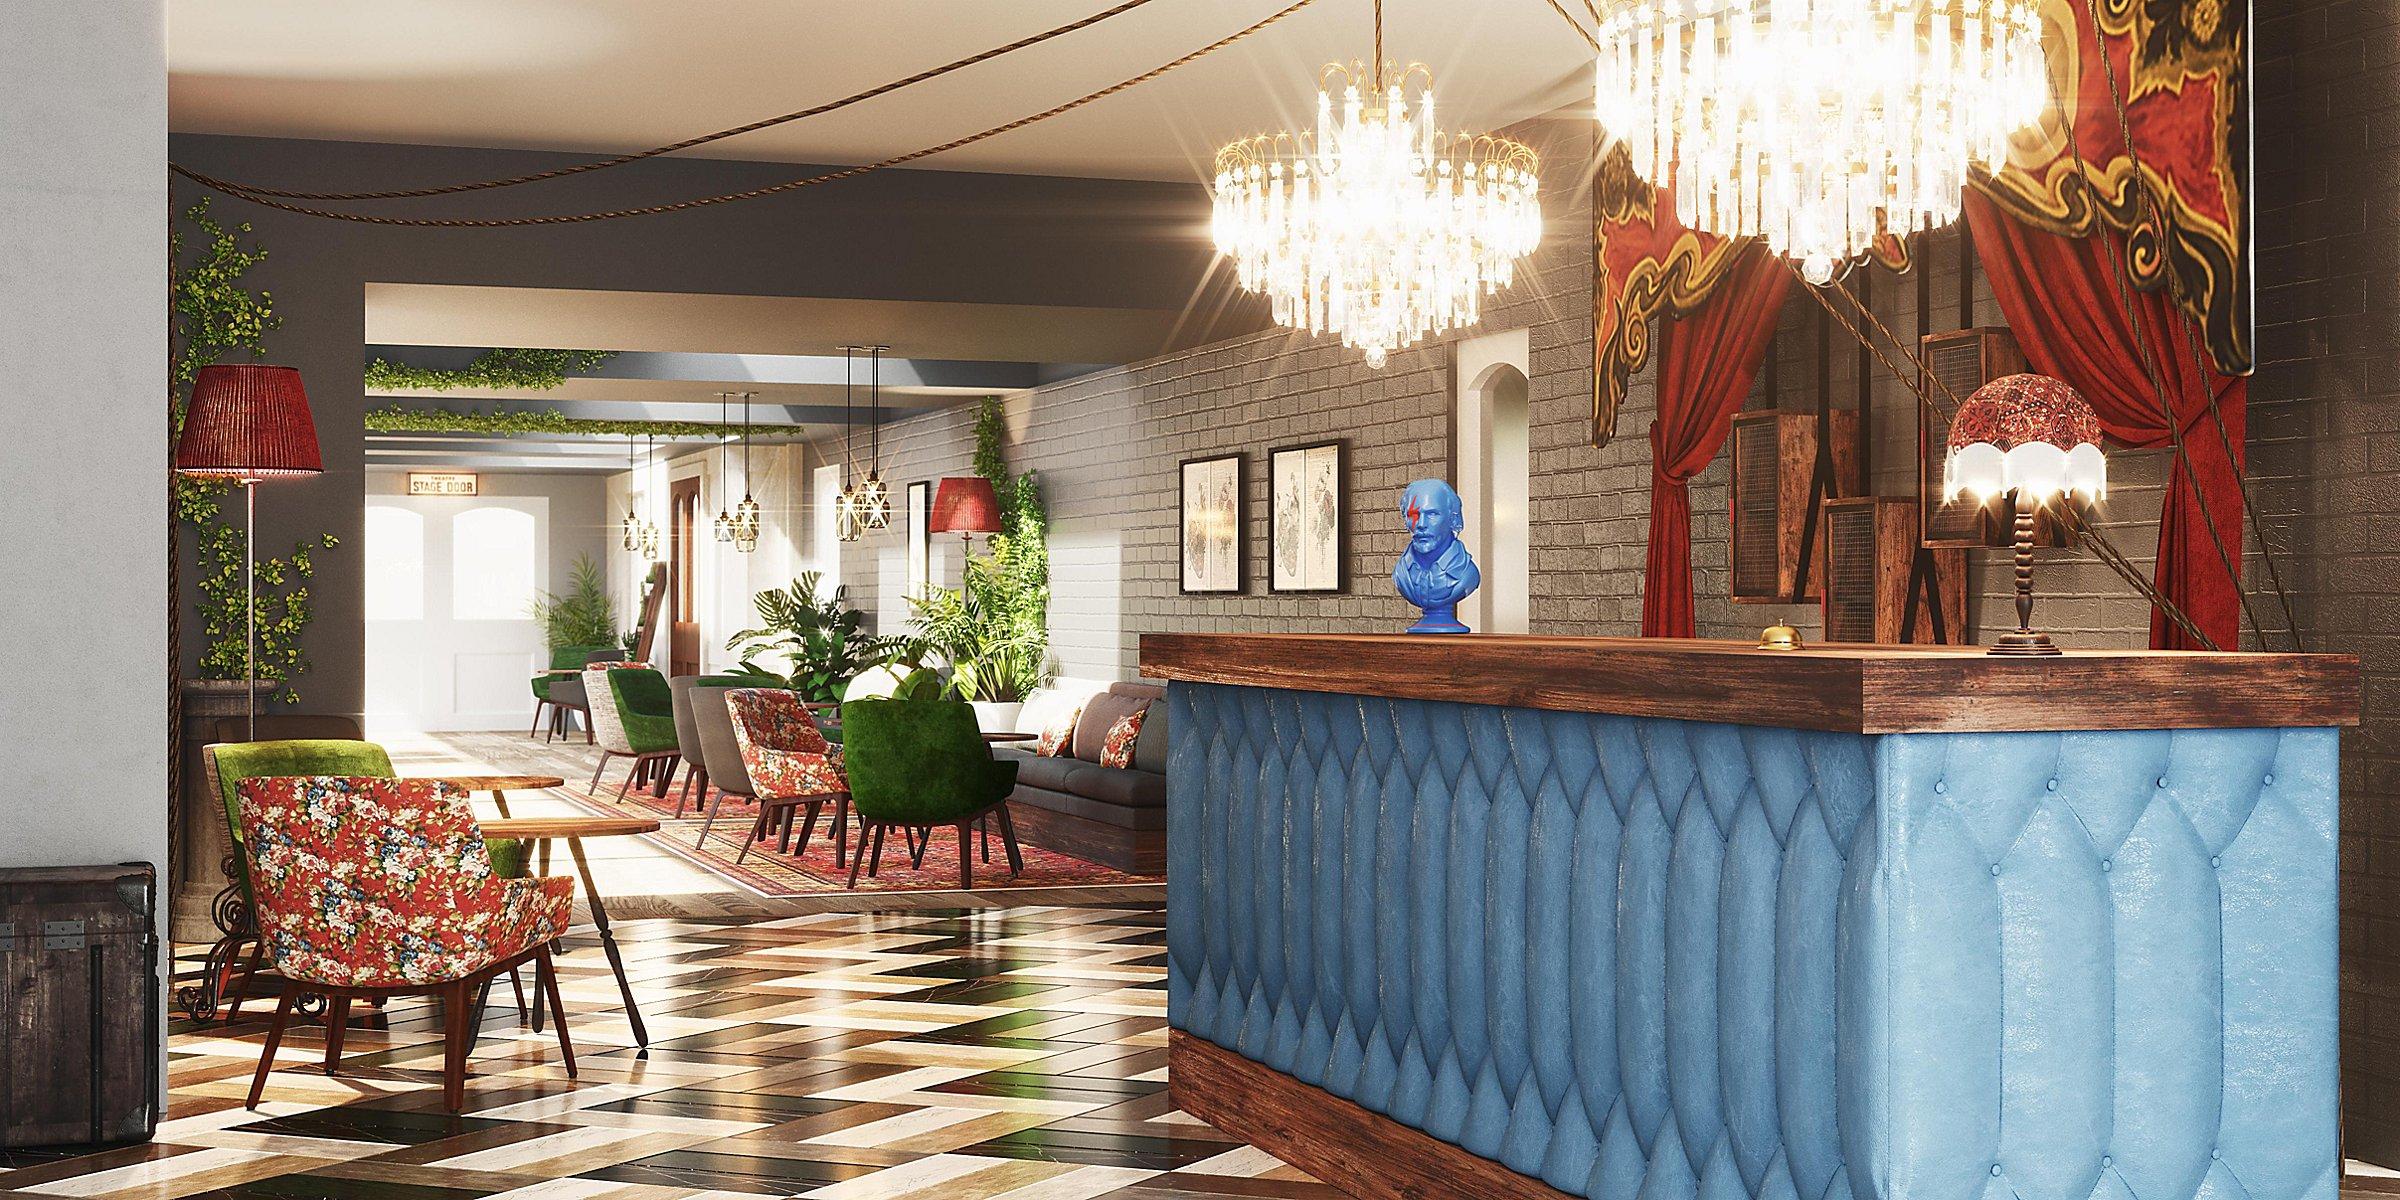 Photo Credit: Hotel Indigo - Stratford upon Avon